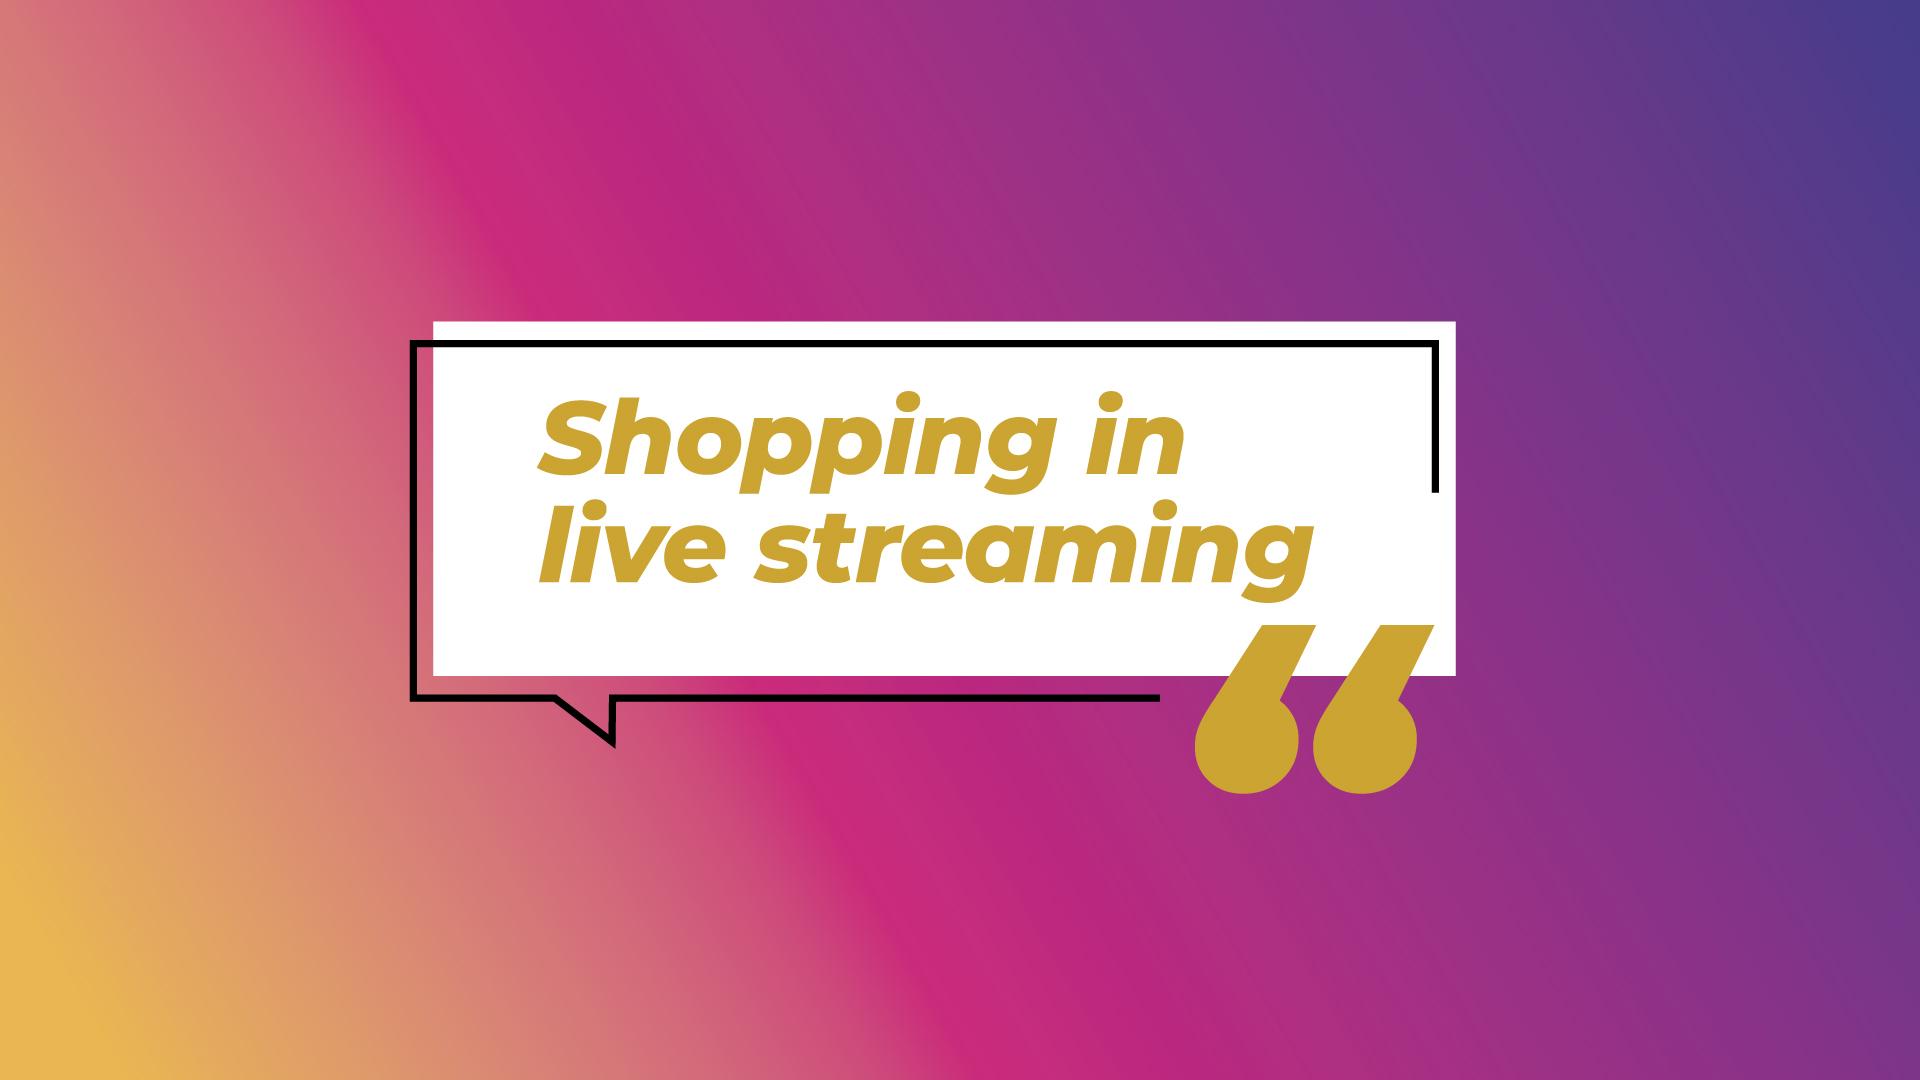 Instagram e l'apertura  allo shopping in live streaming: i numeri e come sfruttare la tendenza per il tuo business